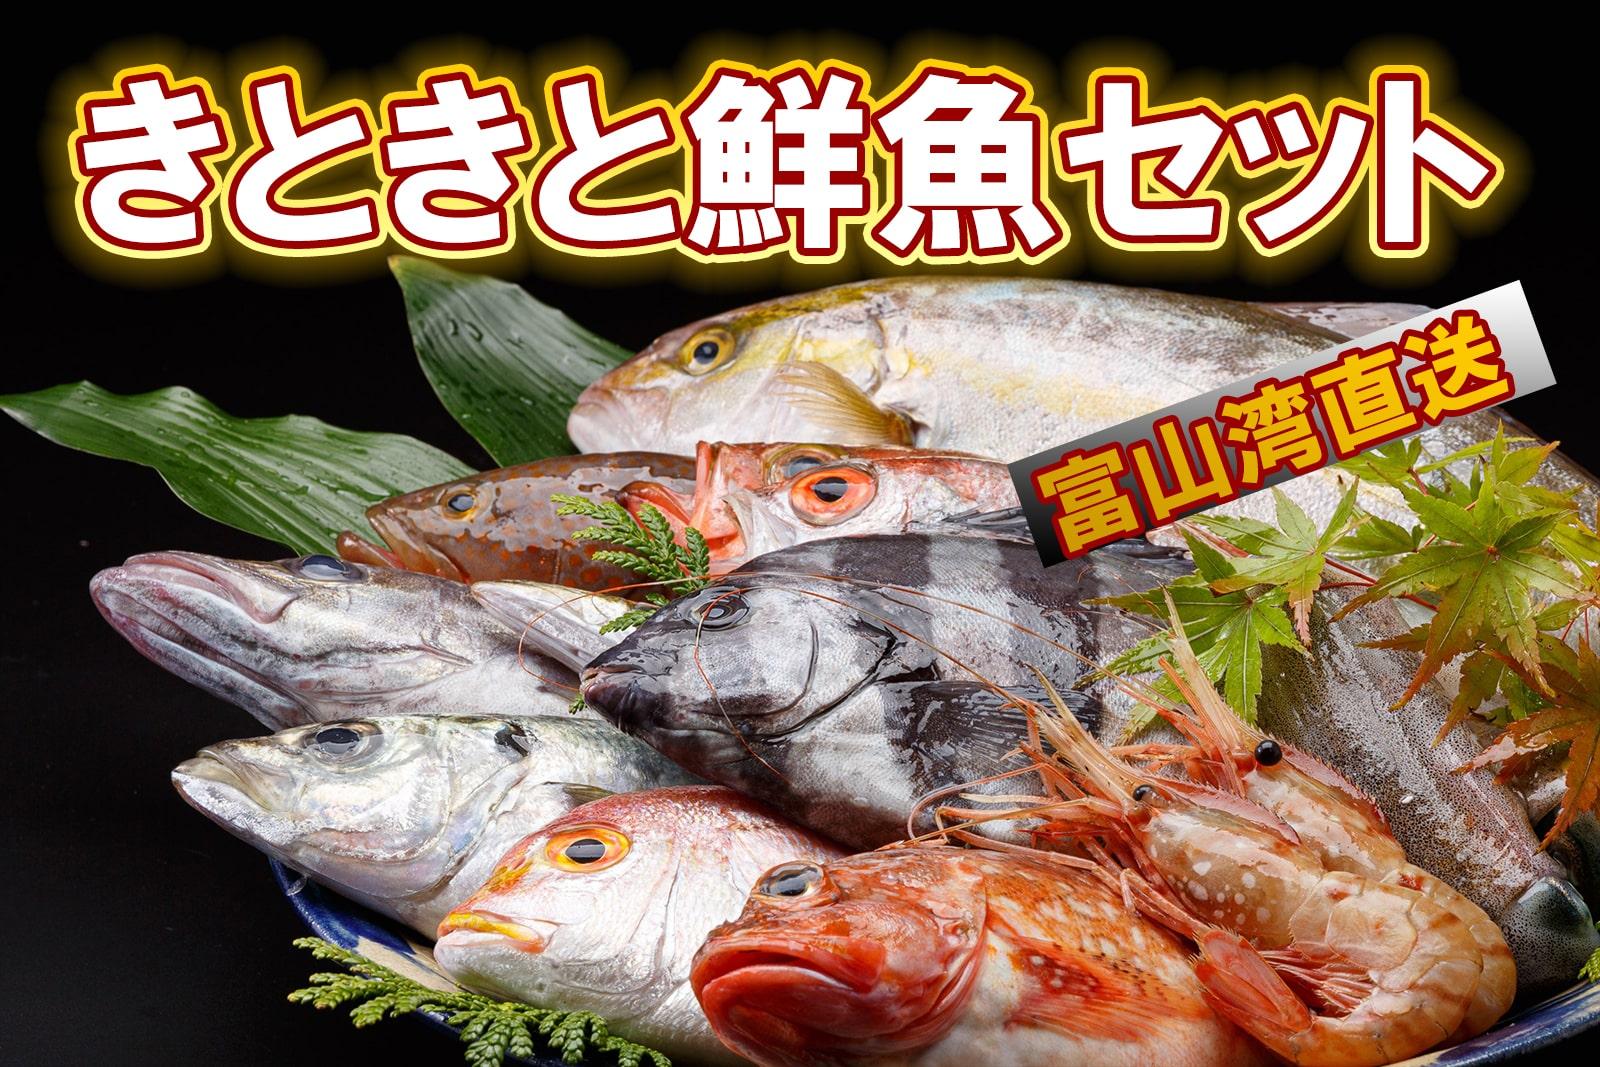 産直鮮魚きときと丸のきときと鮮魚セット